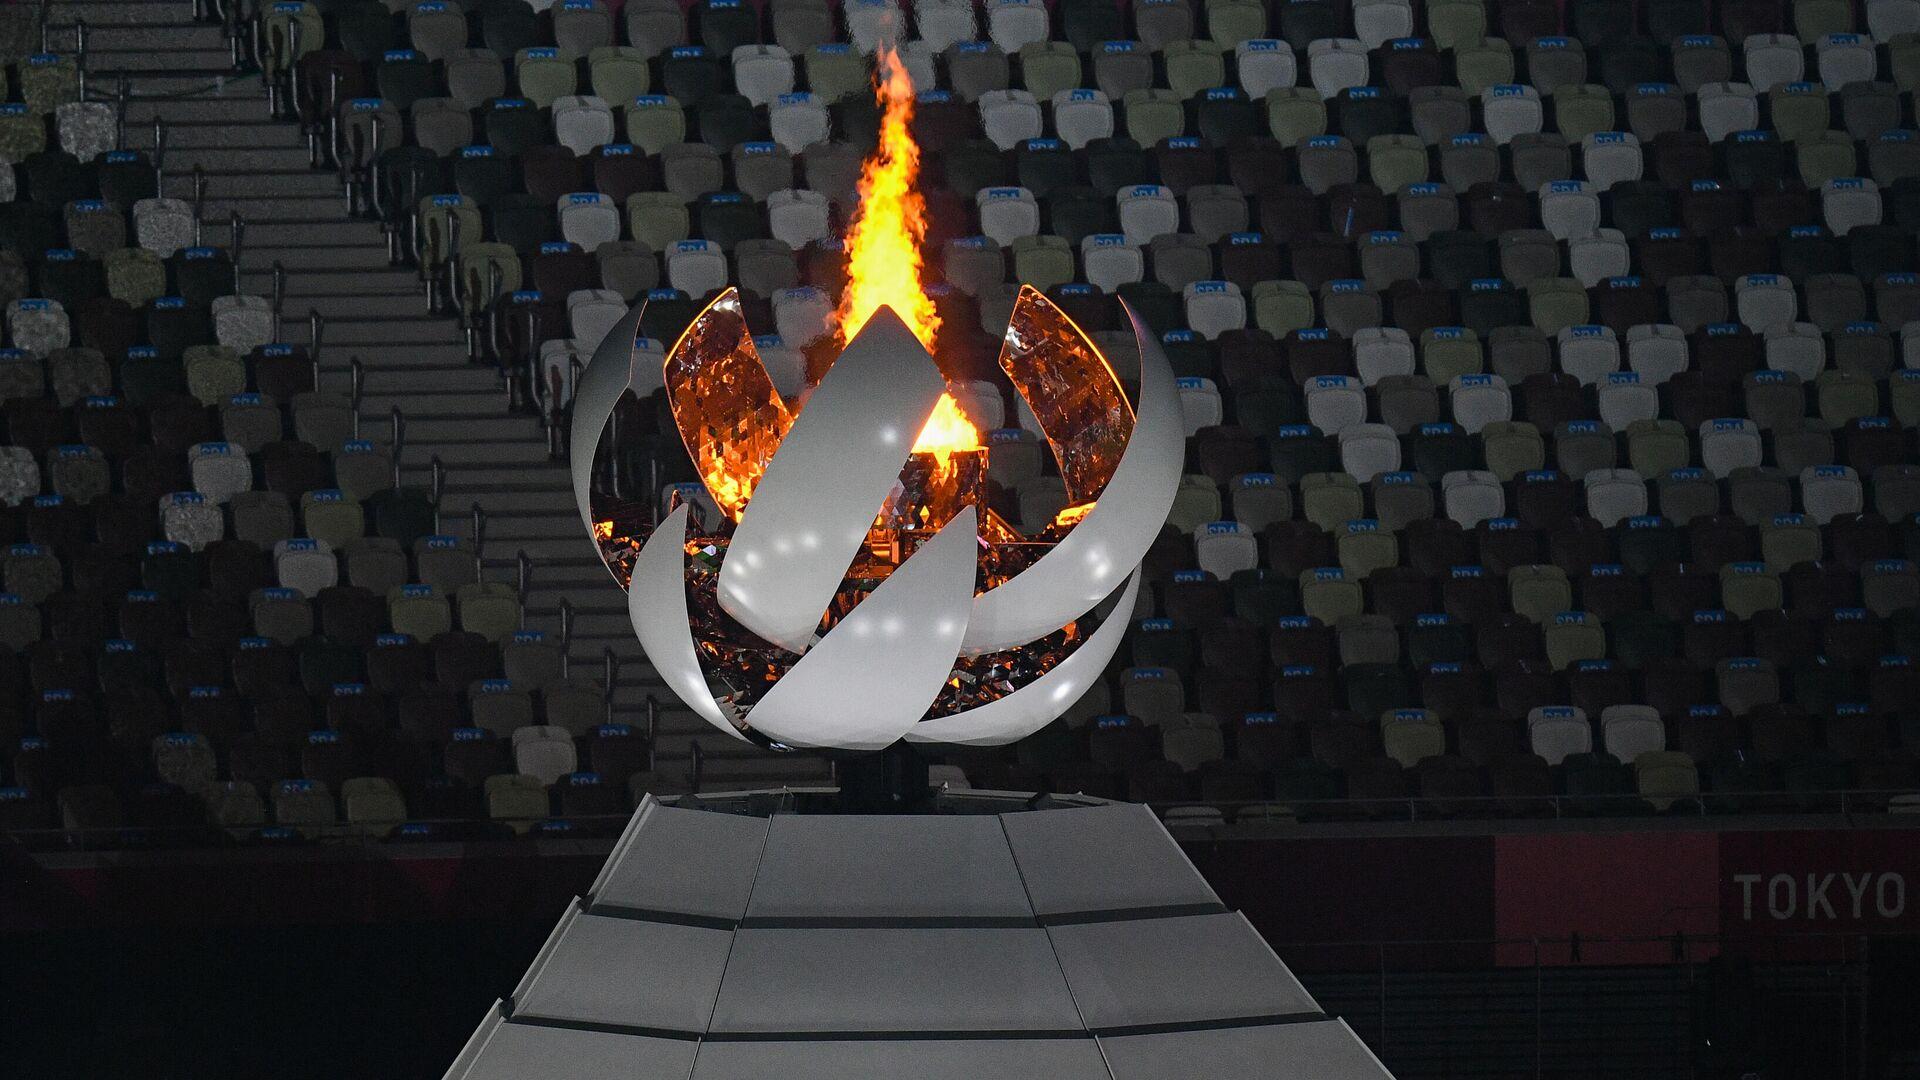 Церемония закрытия XXXII летних Олимпийских игр в Токио - РИА Новости, 1920, 08.08.2021